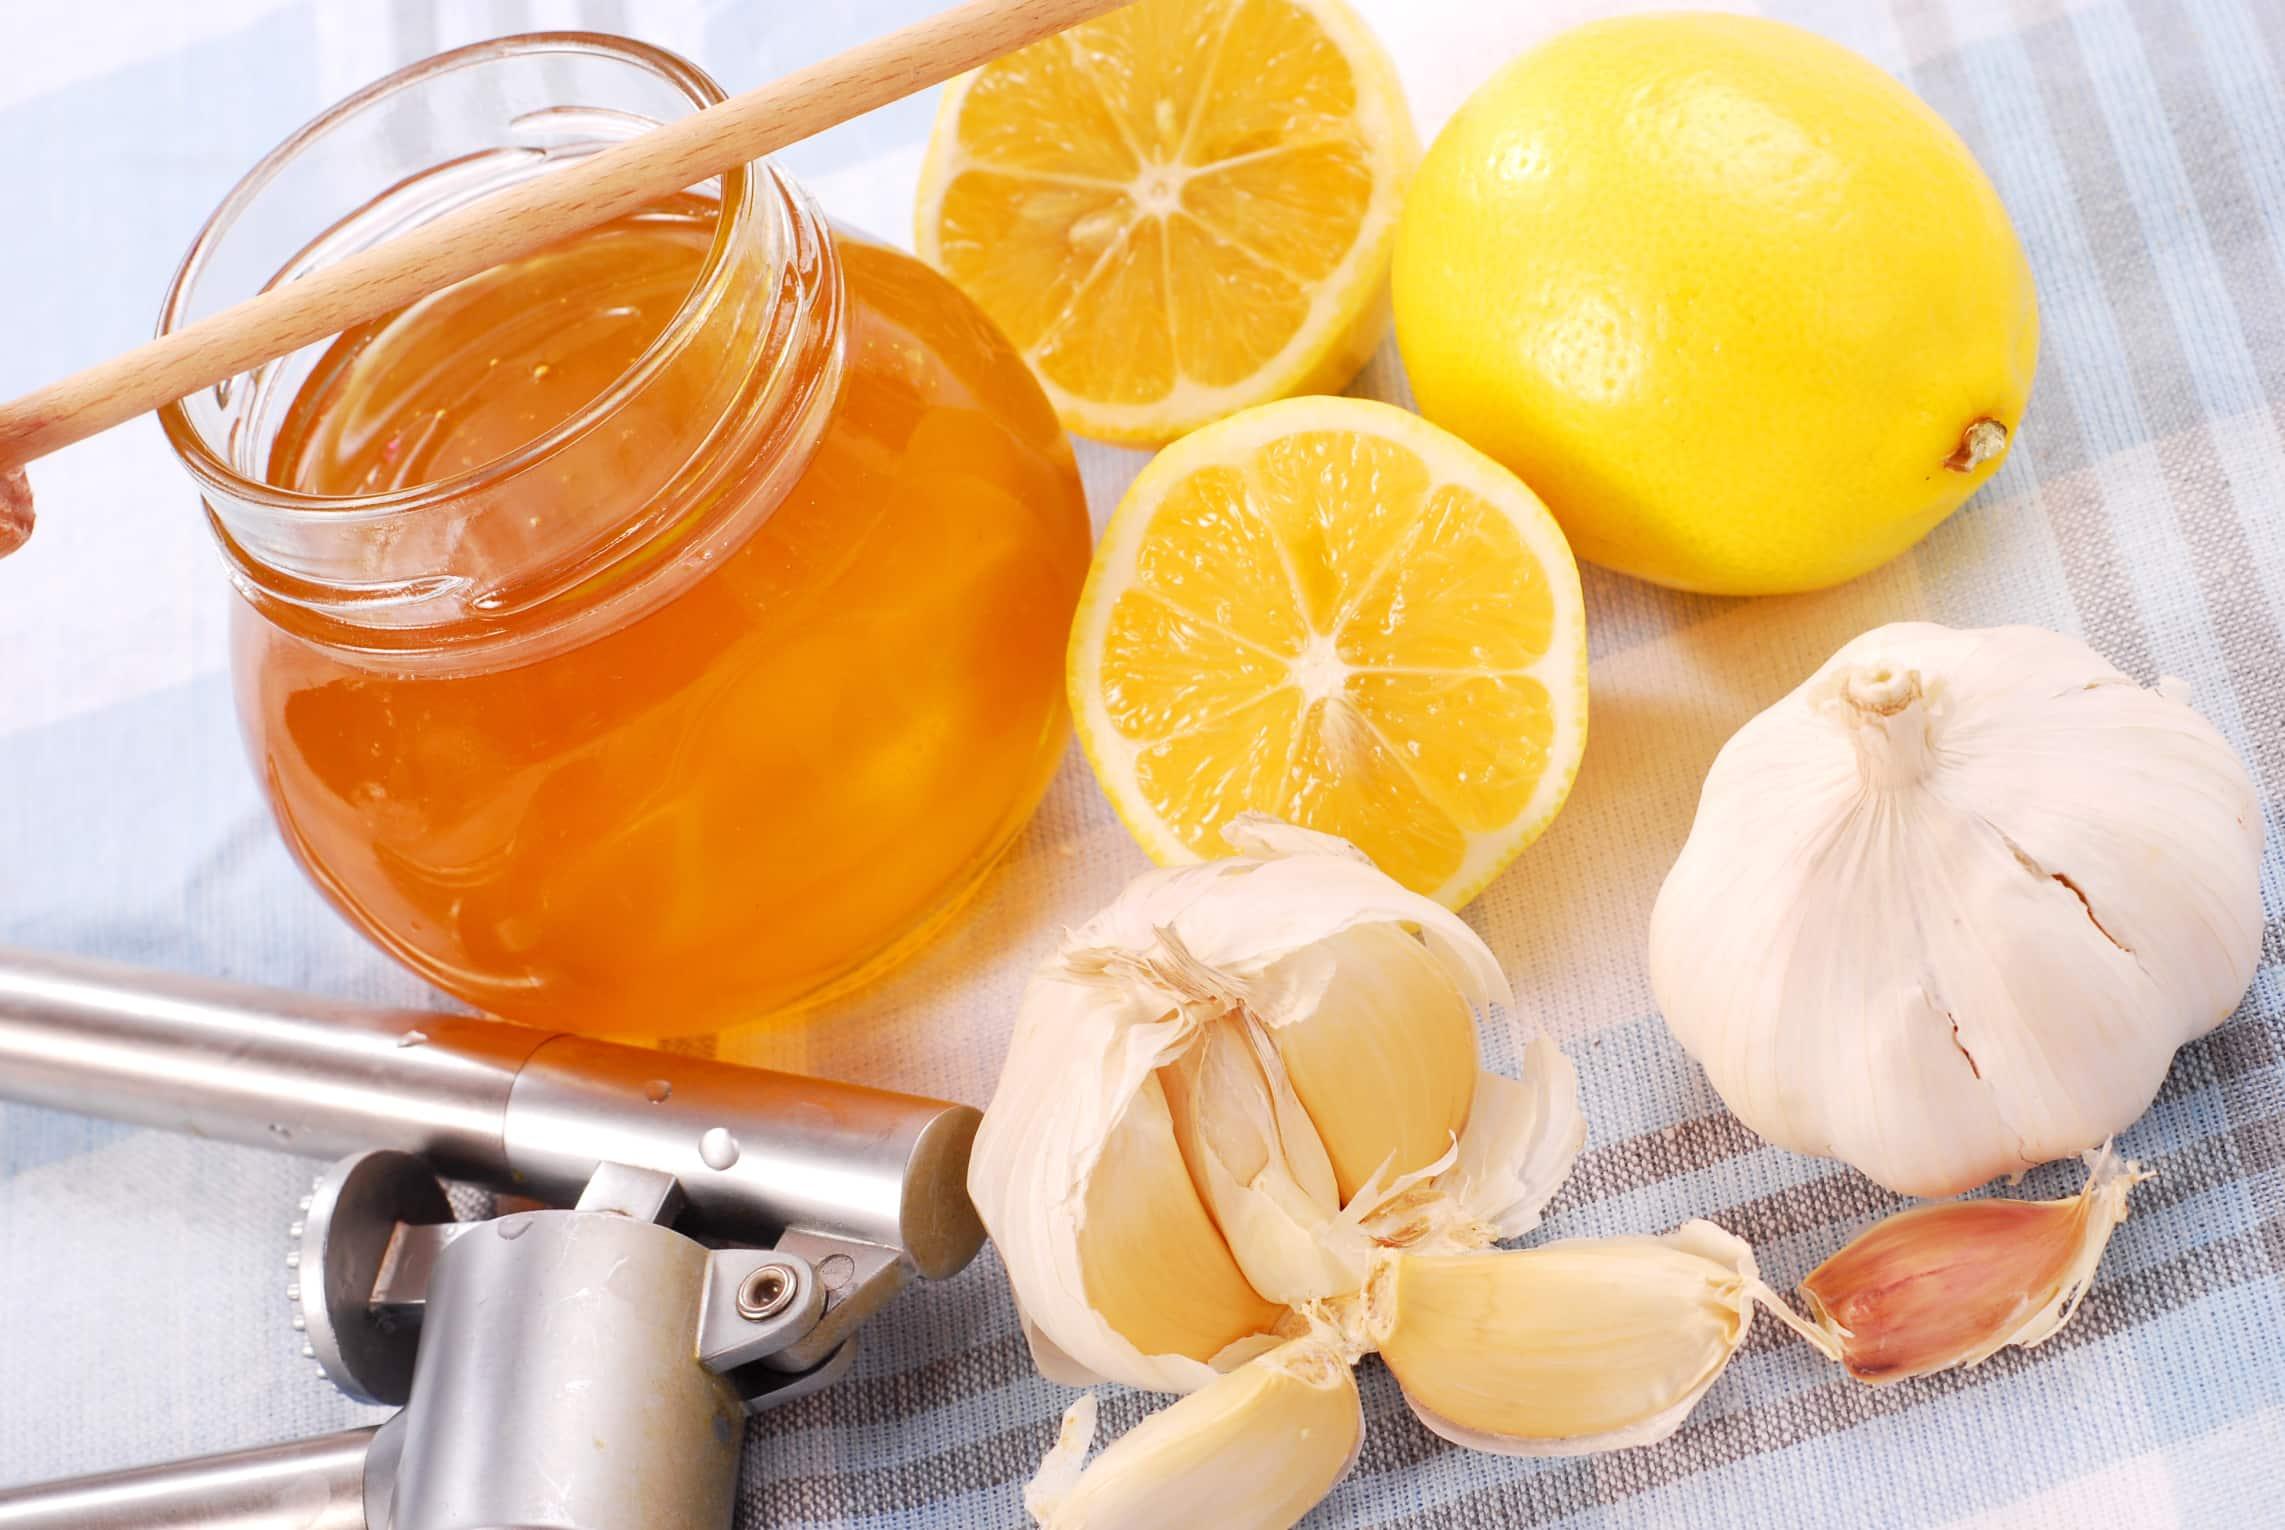 Смесь чеснока, лимона и меда для чистки сосудов: правда и мифы